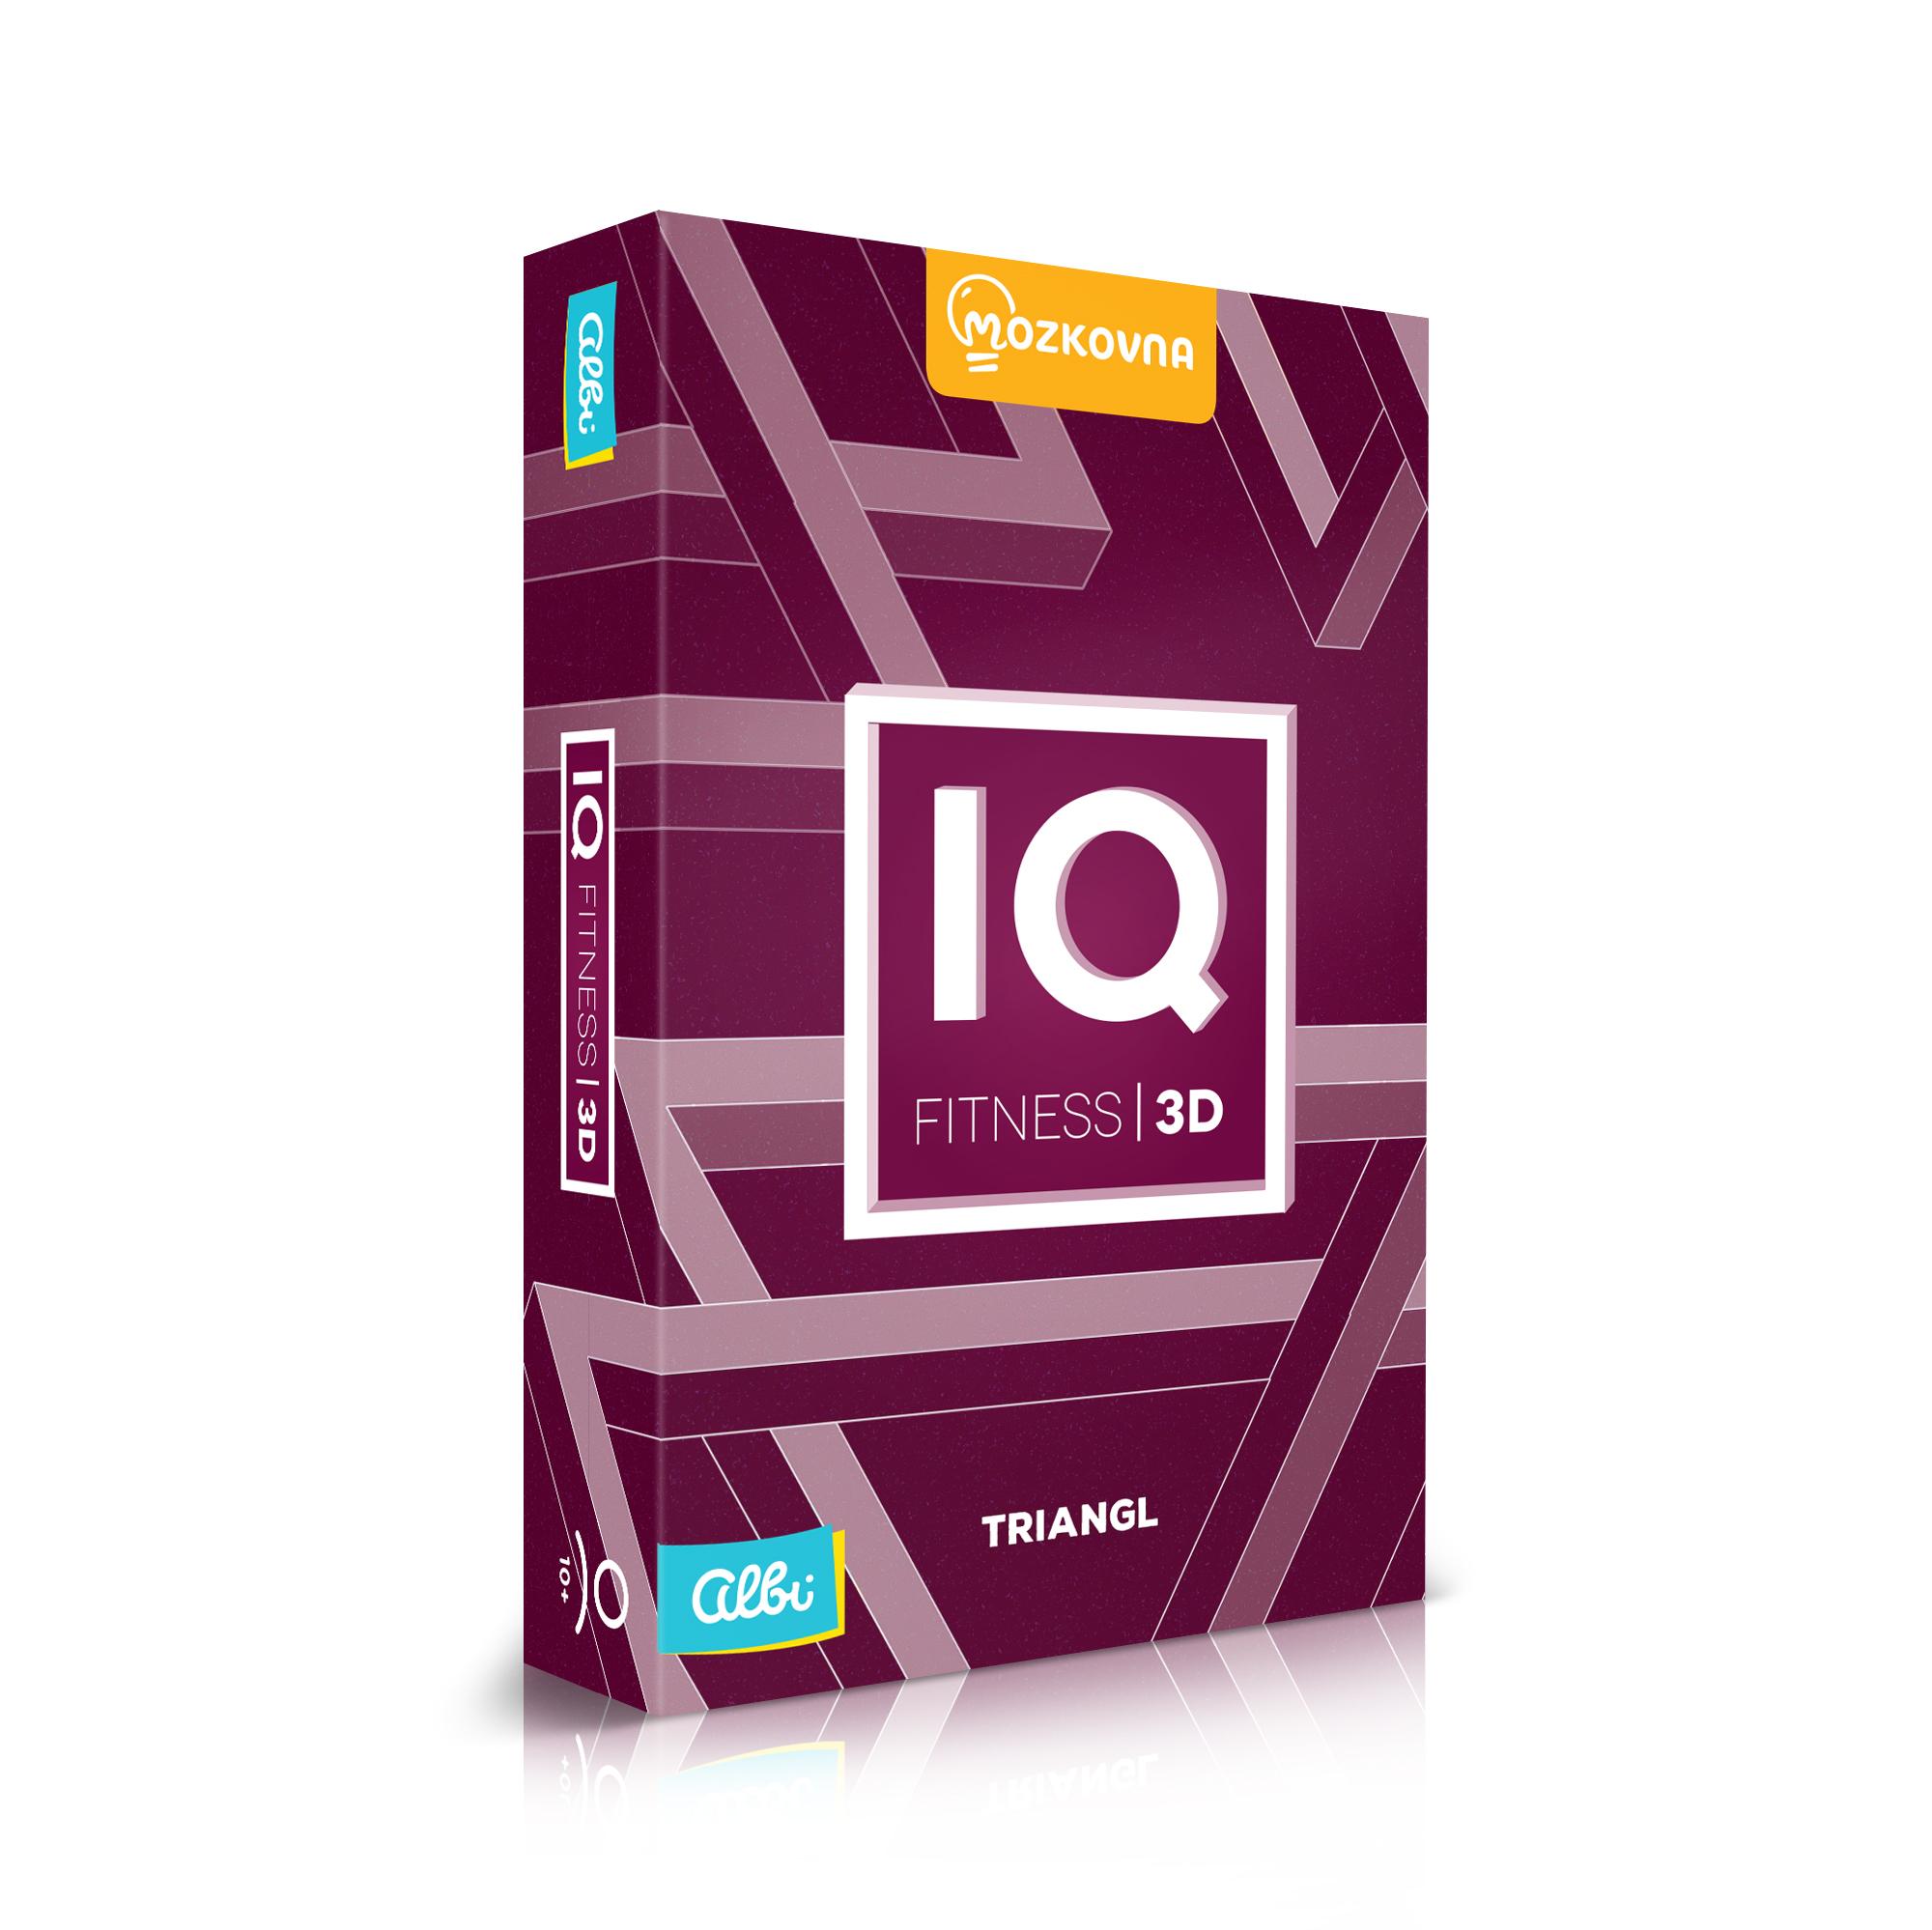 IQ Fitness 3D - Triangl